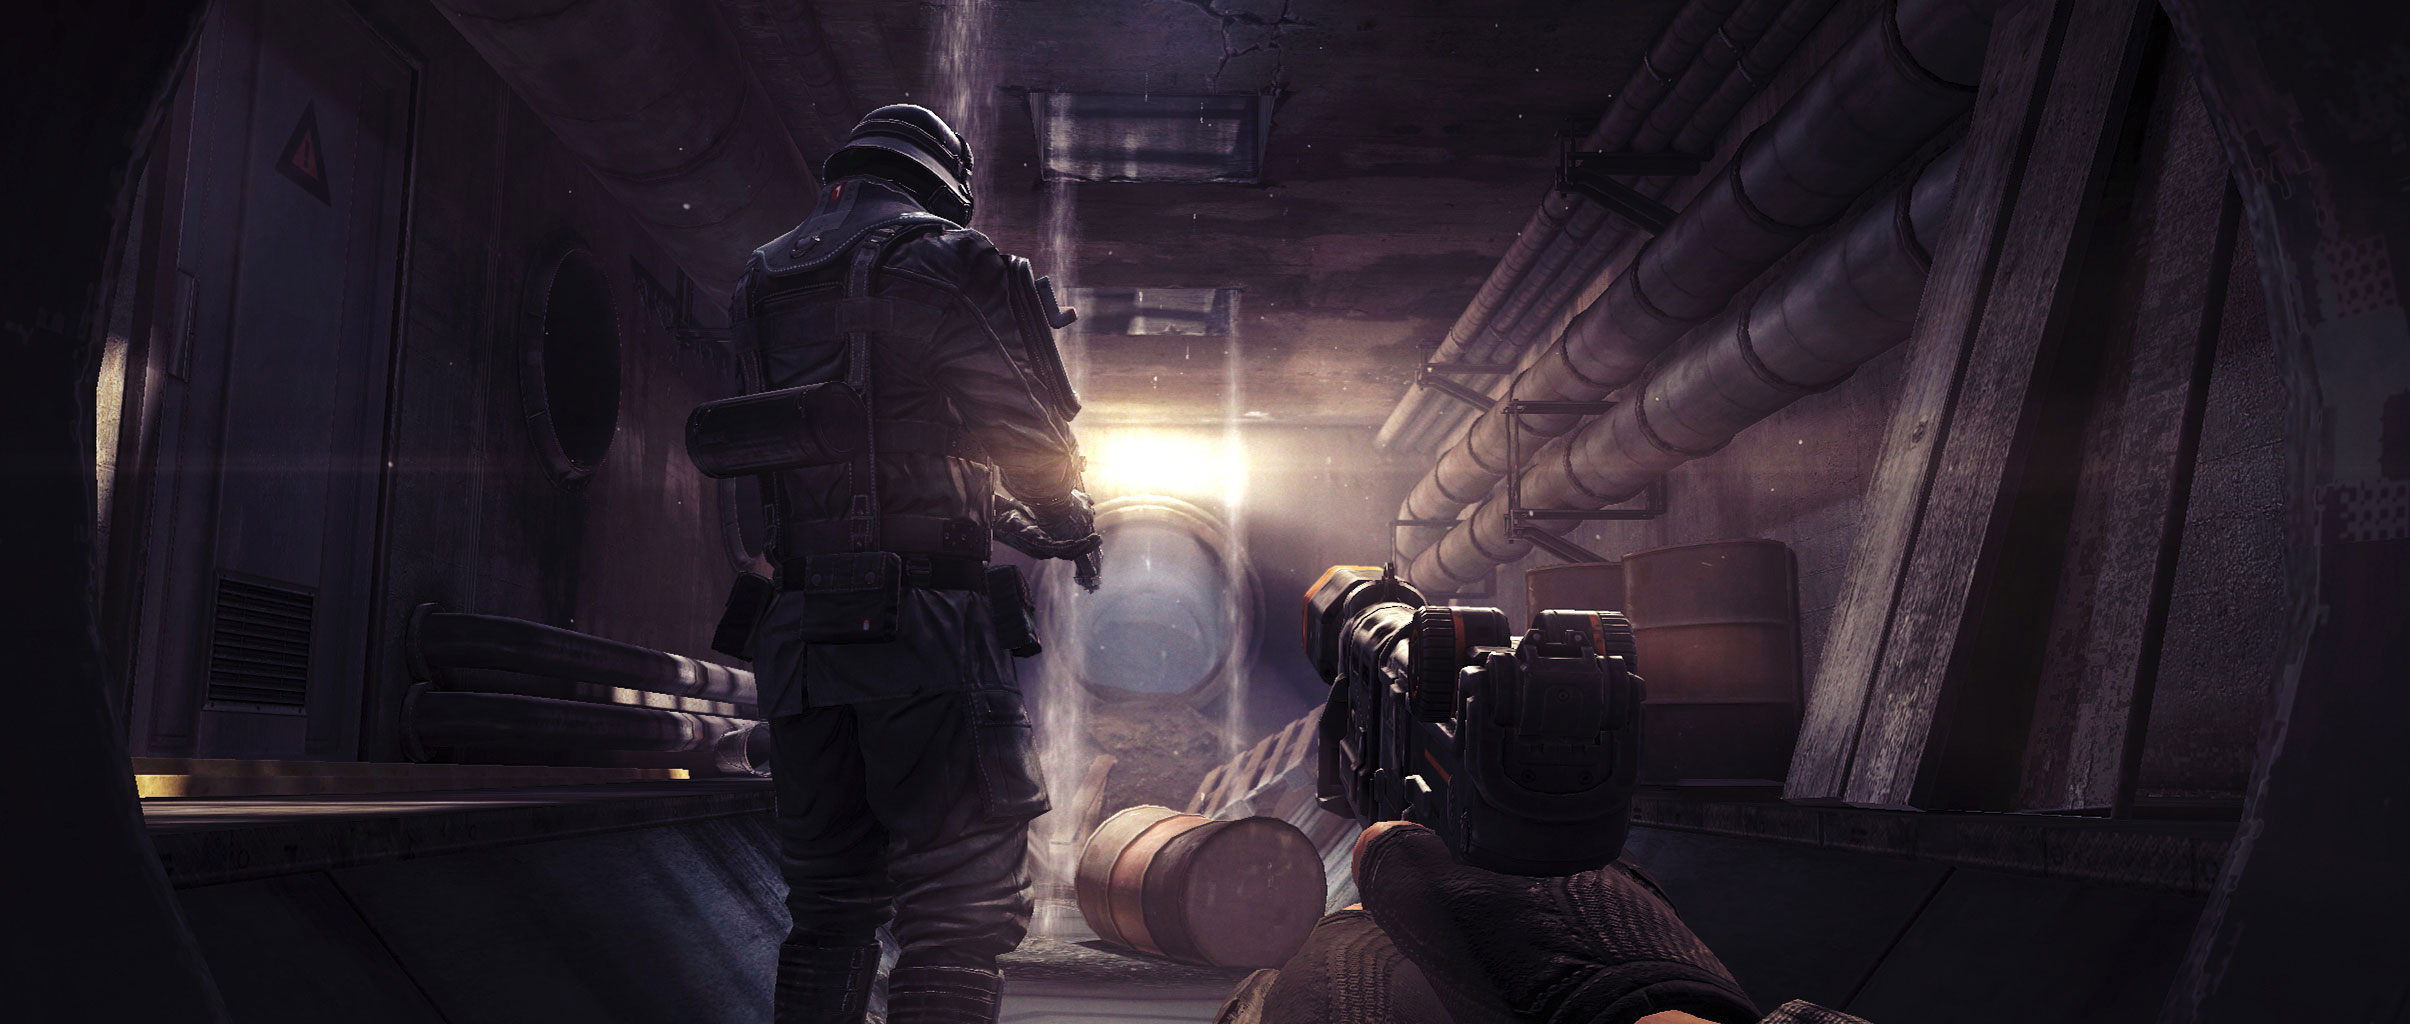 Wolfenstein-The-New-Order-4